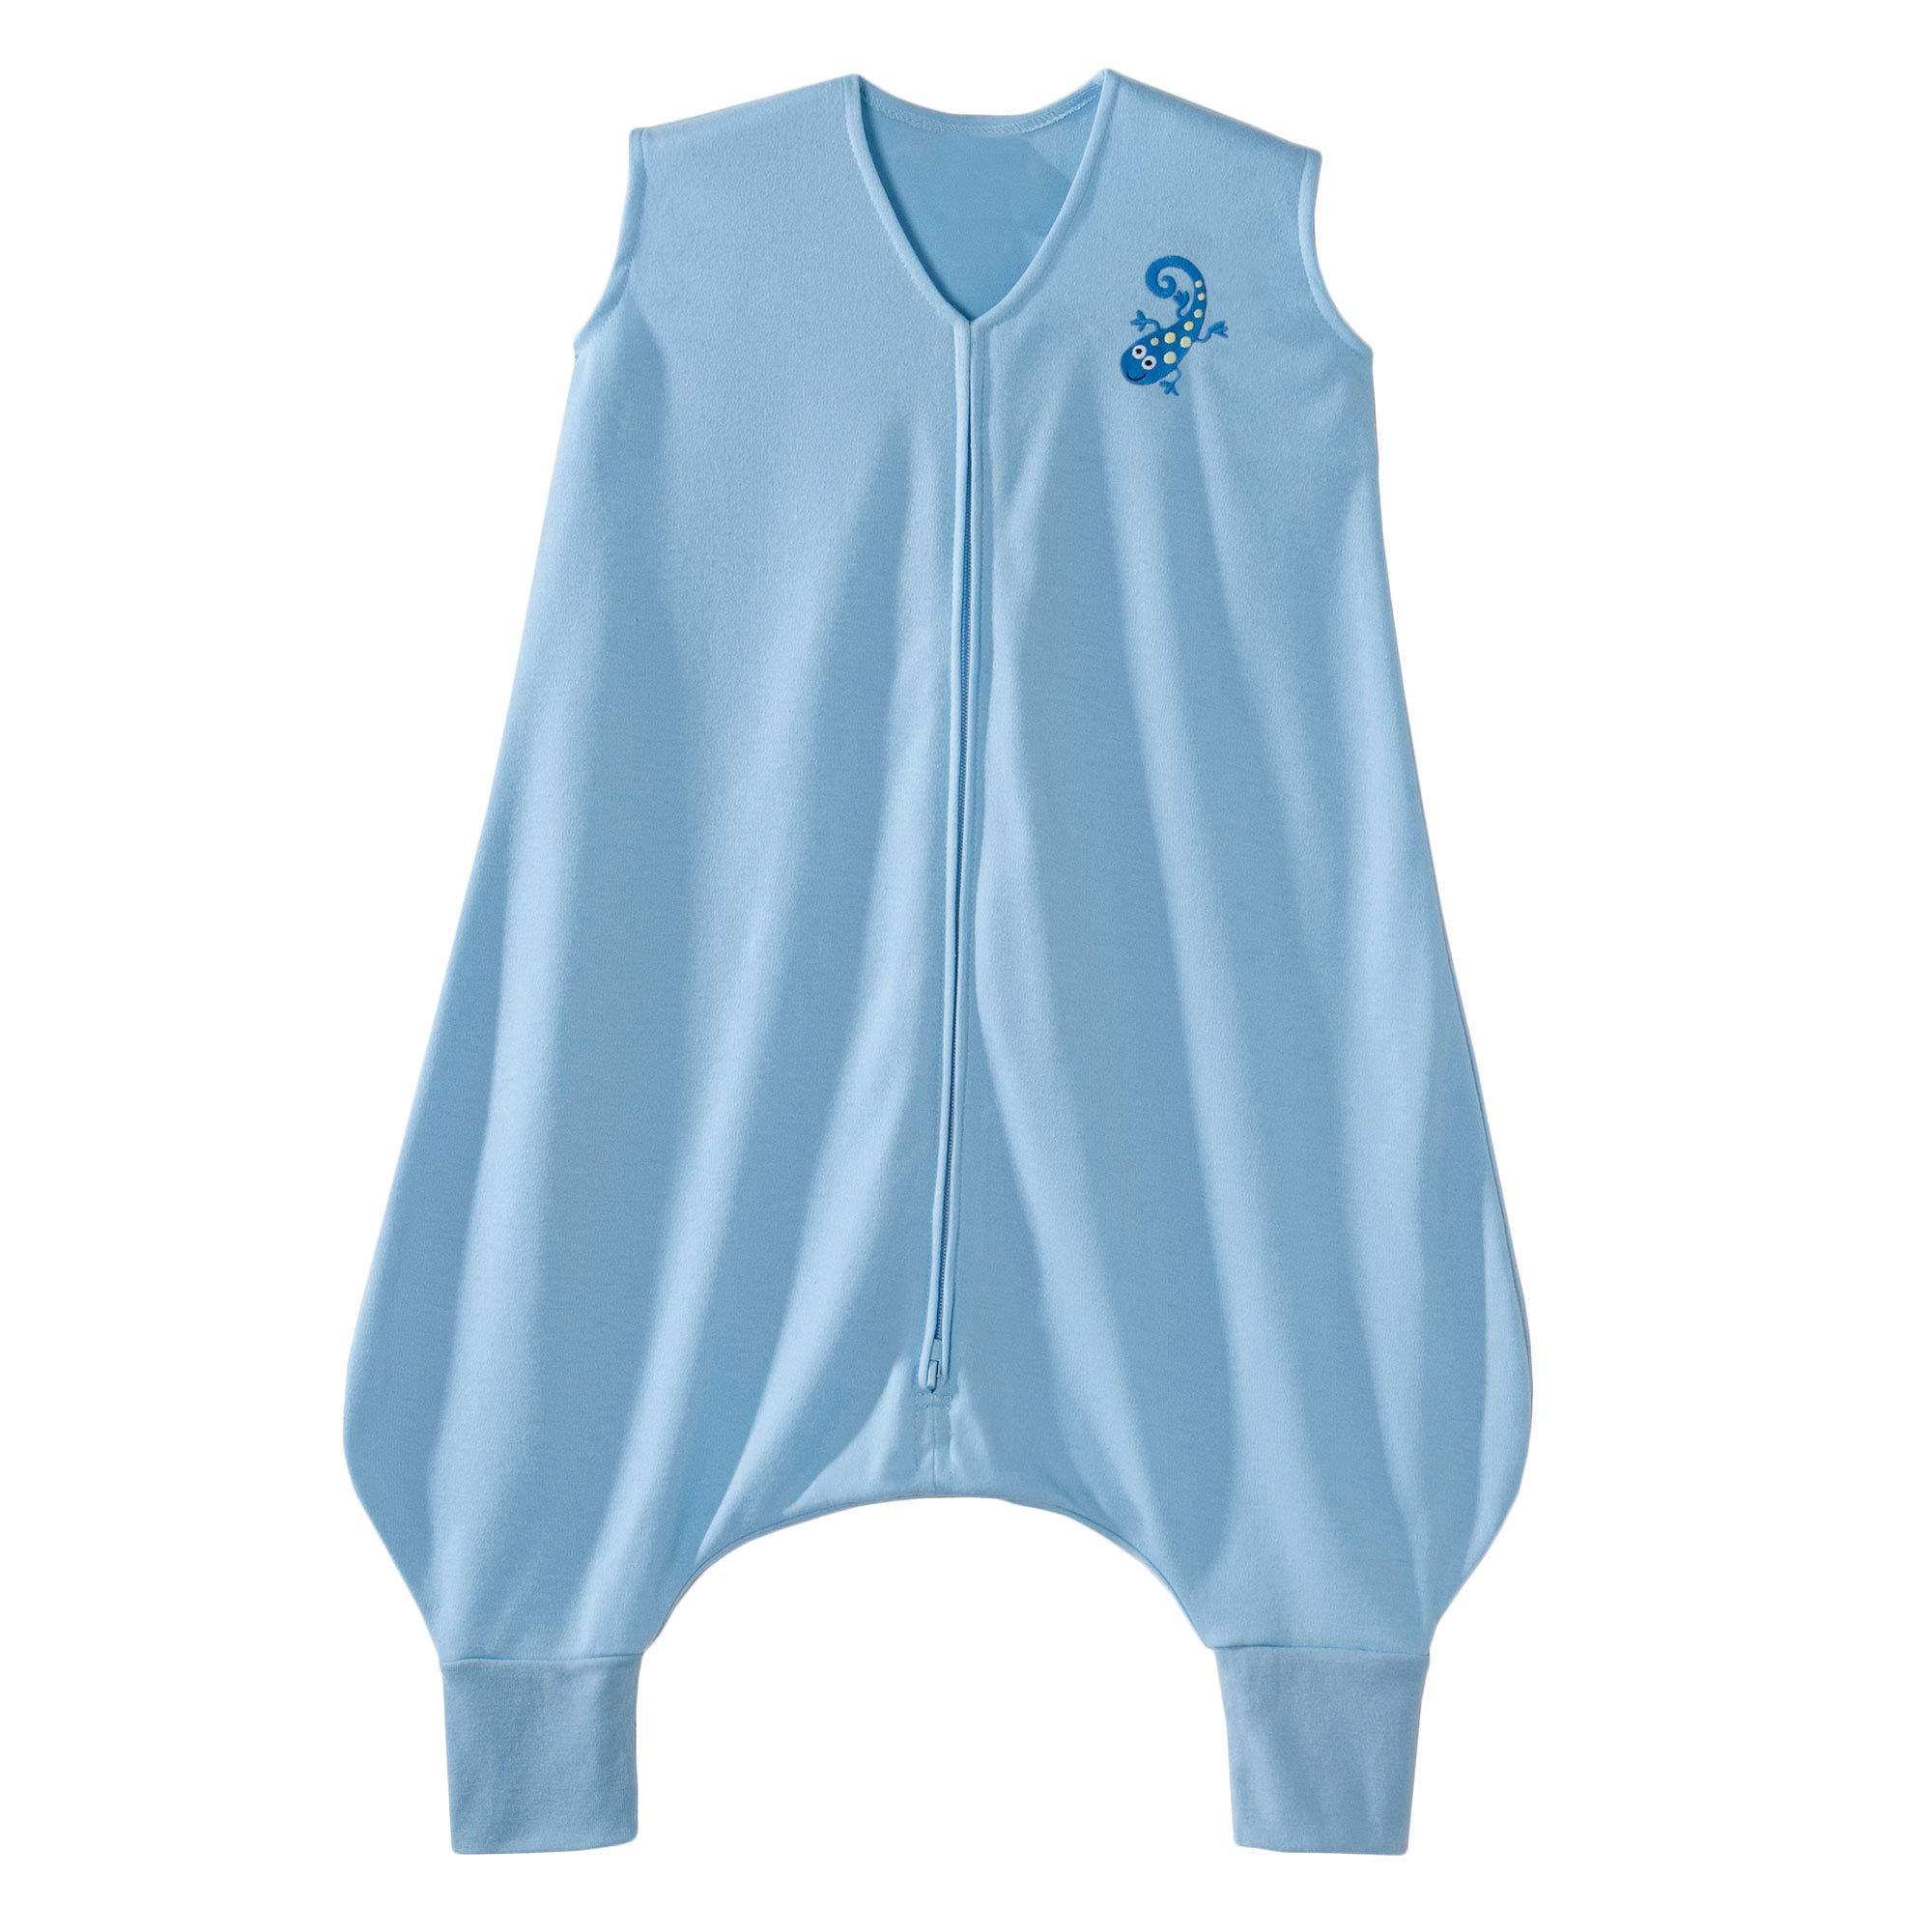 HALO Early Walker Sleepsack Lightweight Knit Wearable Blanket, Blue, Large